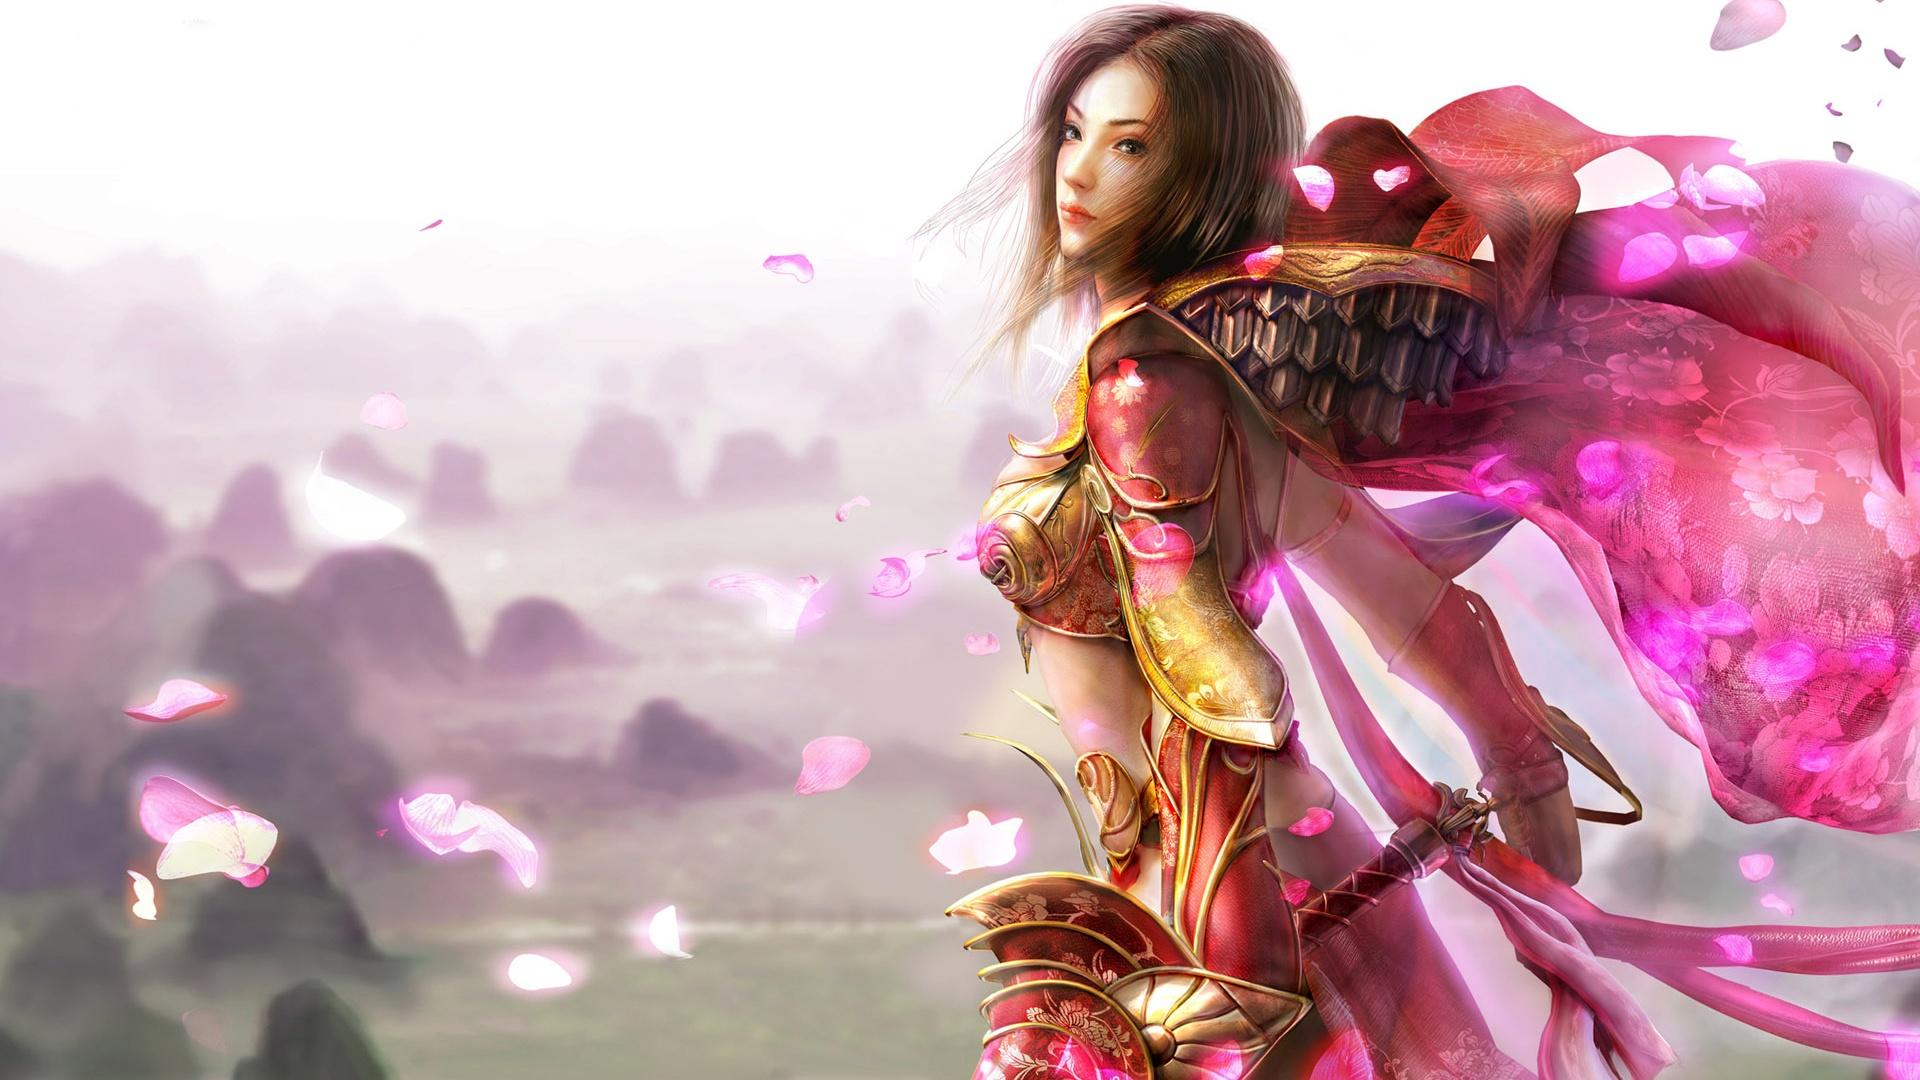 Women Warrior Art - ID: 73532 - Art Abyss